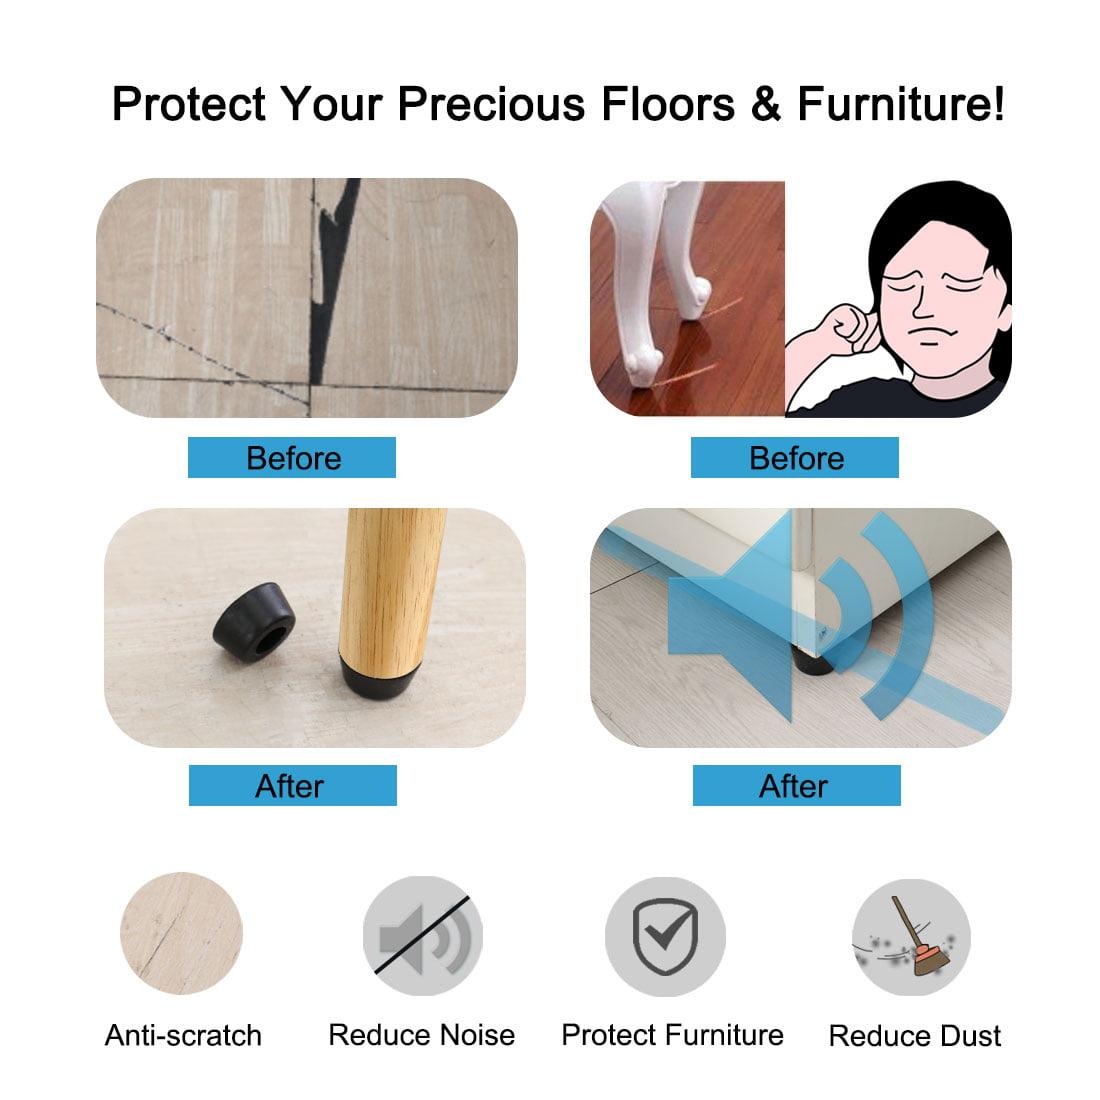 23pcs Rubber Feet Bumper Amplifier Cabinet Leg Pad Floor Protector, D31x24xH18mm - image 1 de 7